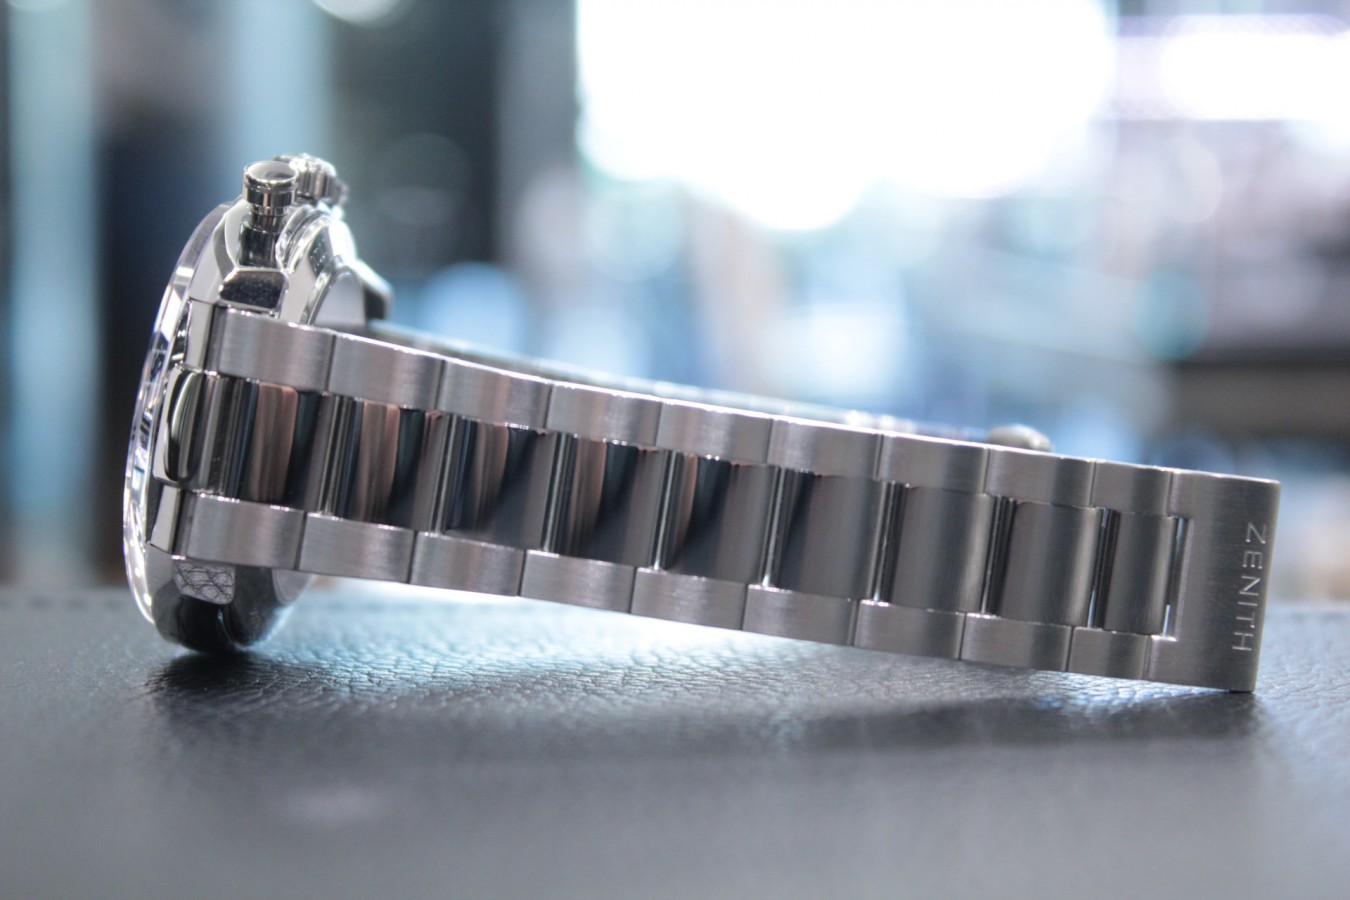 IMG_6253 生産終了のグレーダイヤル!マルチカラーの【エルプリメロ 42mm】 - CHRONOMASTER